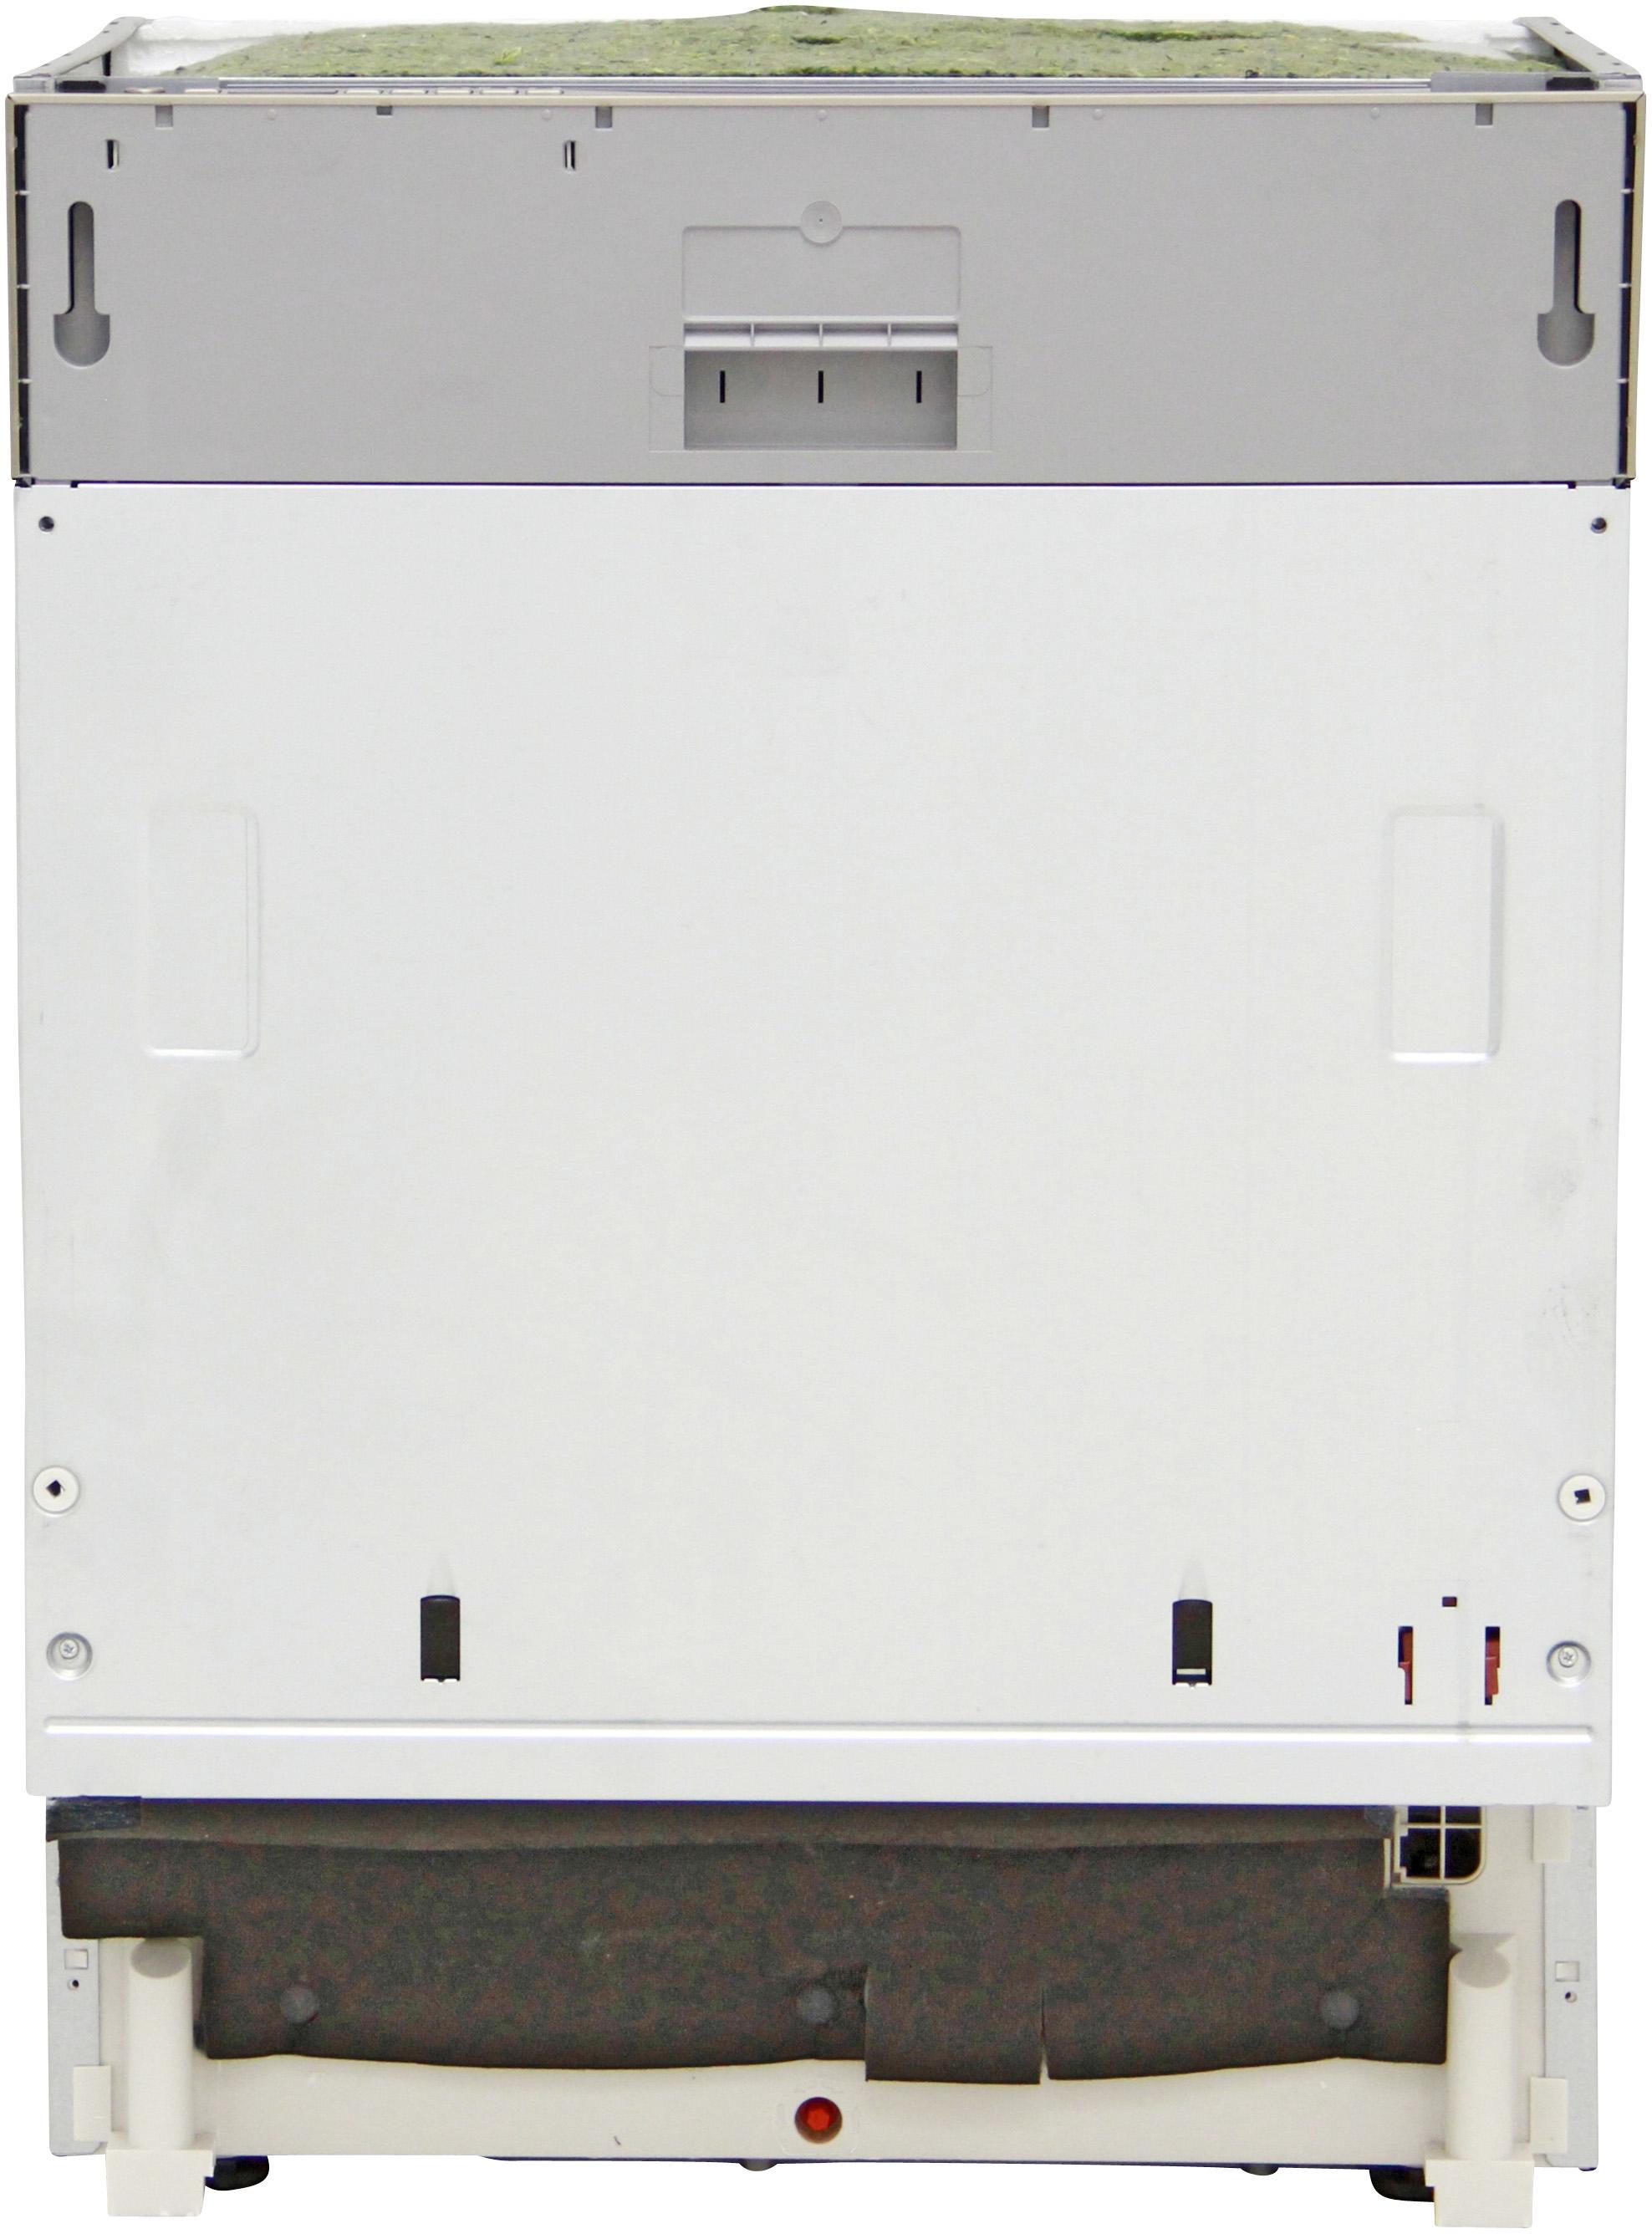 I dettagli del test sulla lavastoviglie WHIRLPOOL WIO 3033DEL